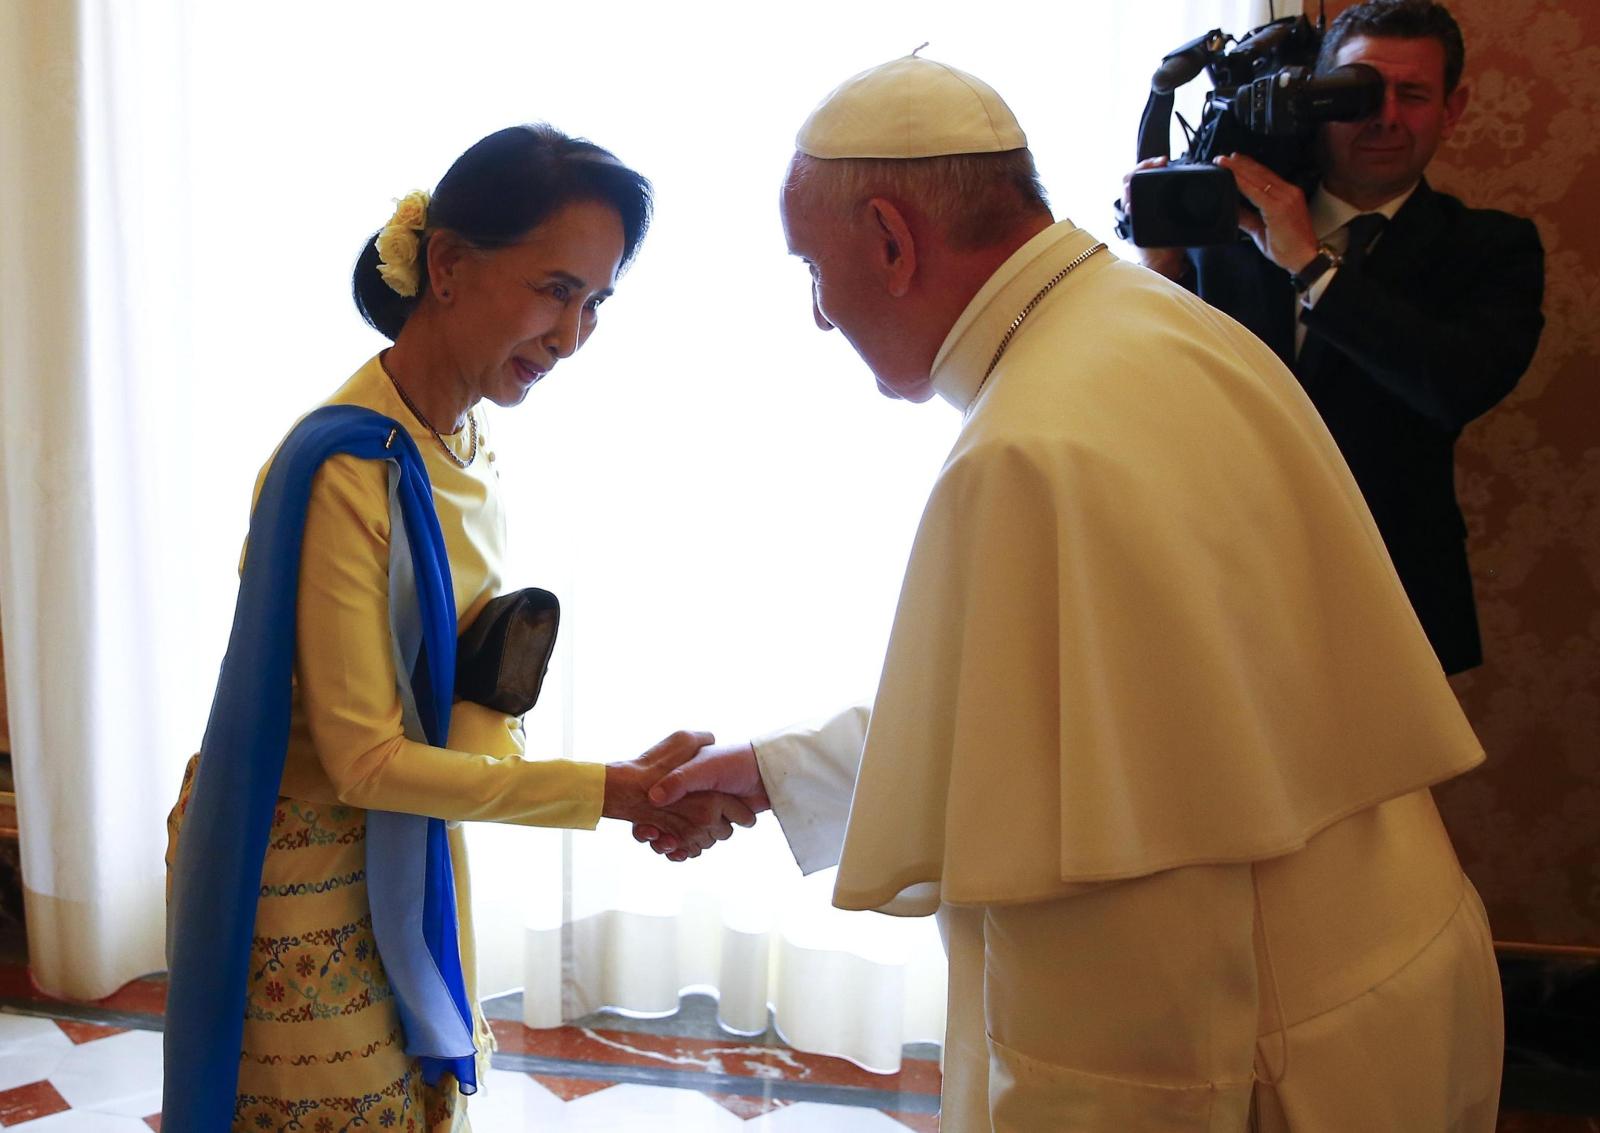 Watykan nawiązał stosunki dyplomatyczne z Mjanmarem. Fot. PAP/EPA/TONY GENTILE / POOL